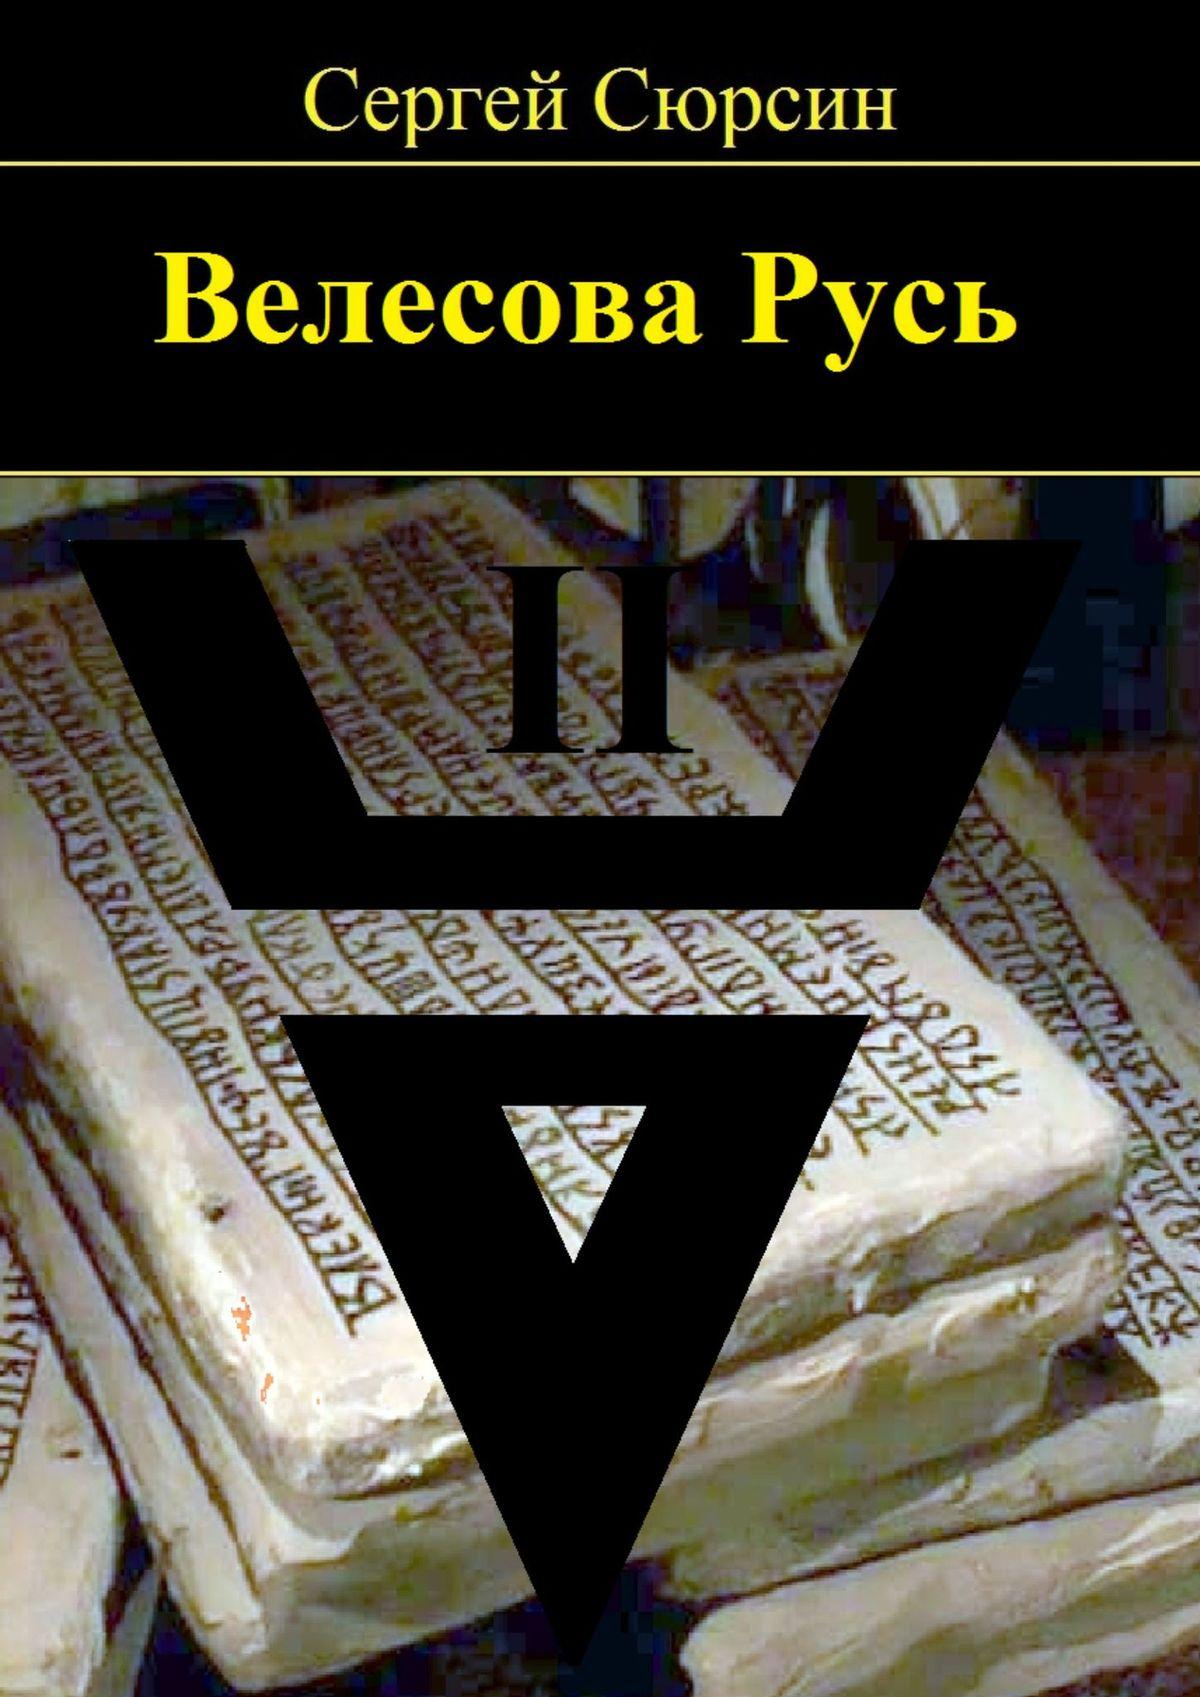 Сергей Сюрсин Велесова Русь. Книга вторая